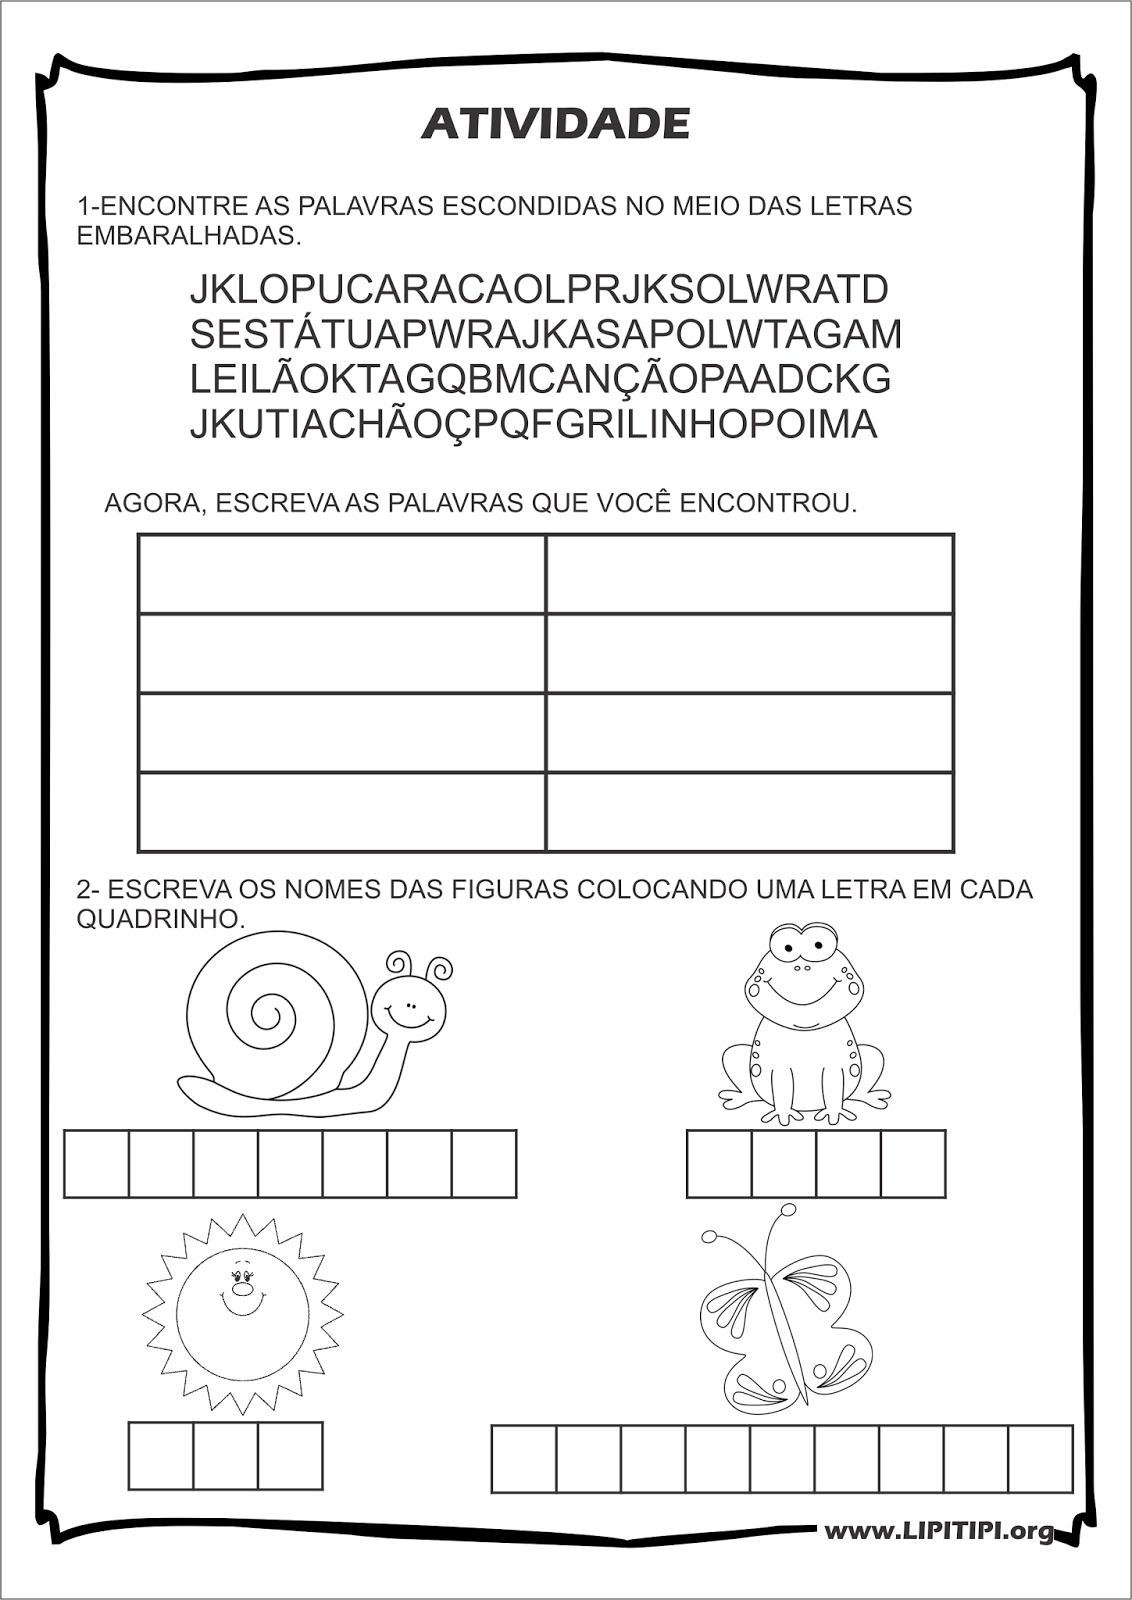 atividades horta pomar jardim educacao infantil:Atividades Consciência Fonológica Leilão de Jardim Cecília